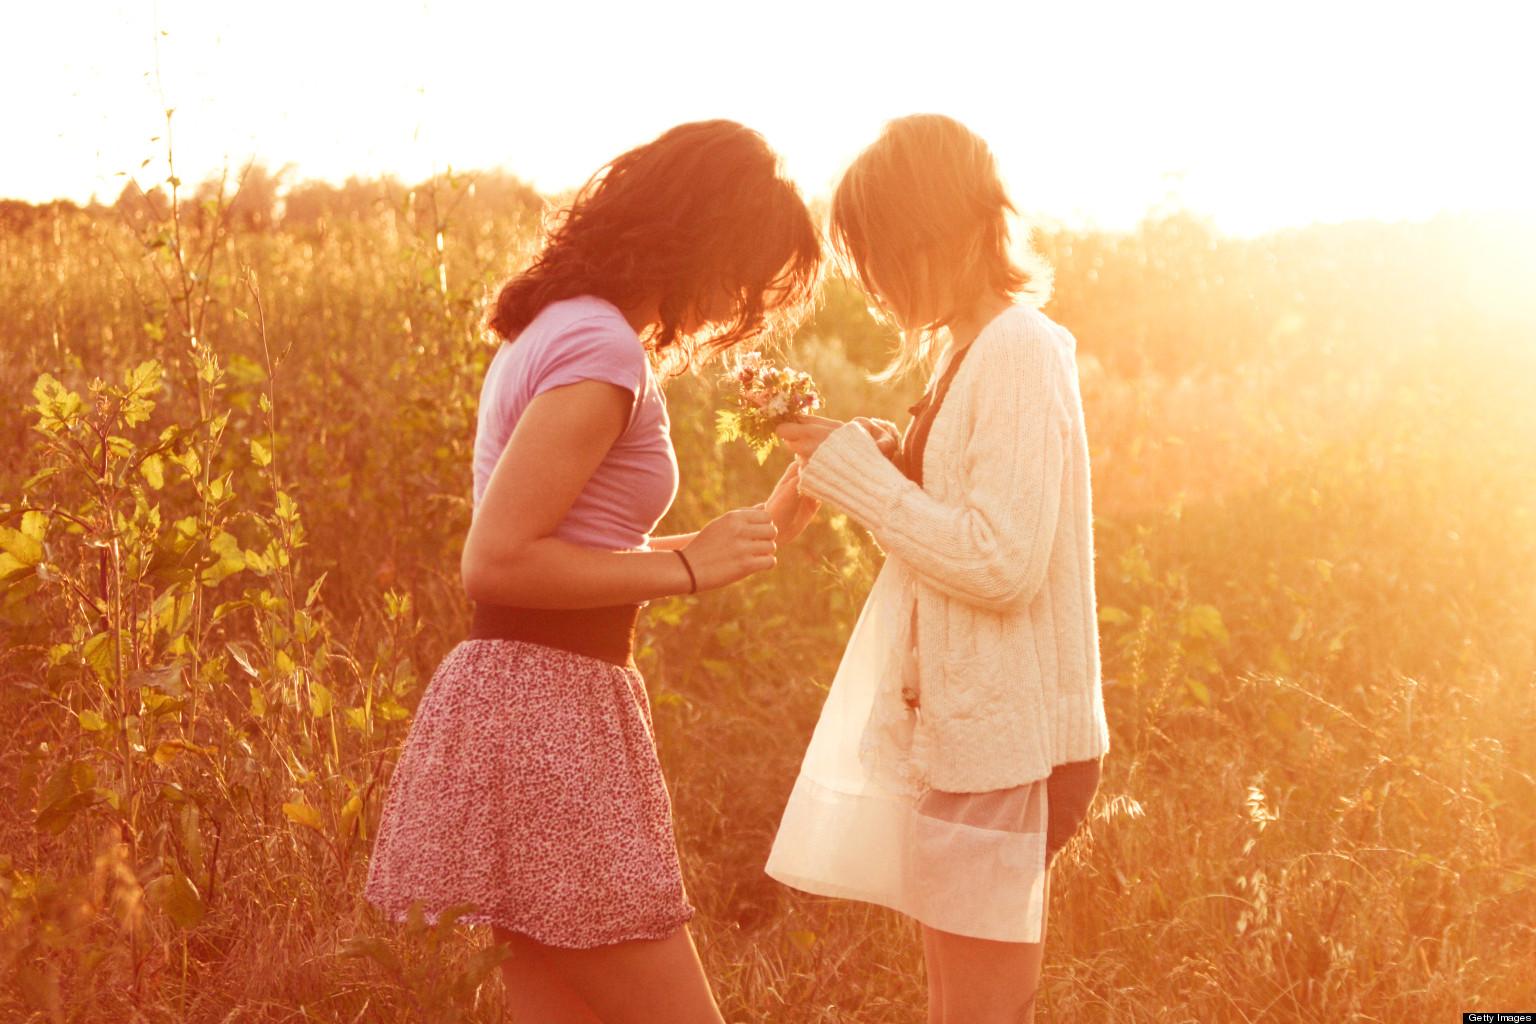 Tình yêu đồng giới sẽ bền vững hơn - Ảnh 1